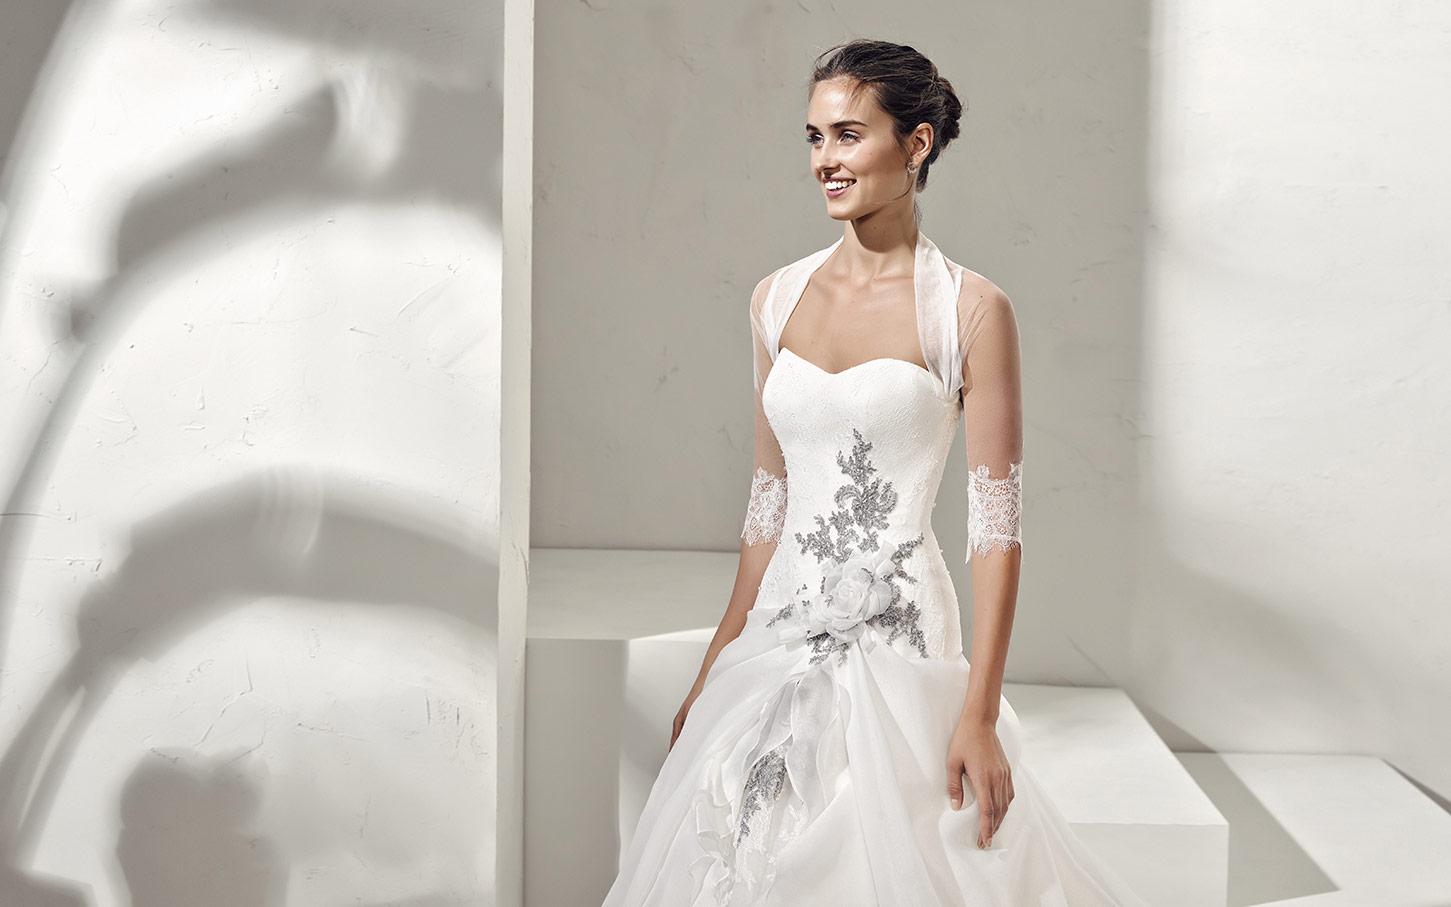 020a0c6eb788 Abito da Sposa Formula Adriana Alier - Stefania Spose Parma